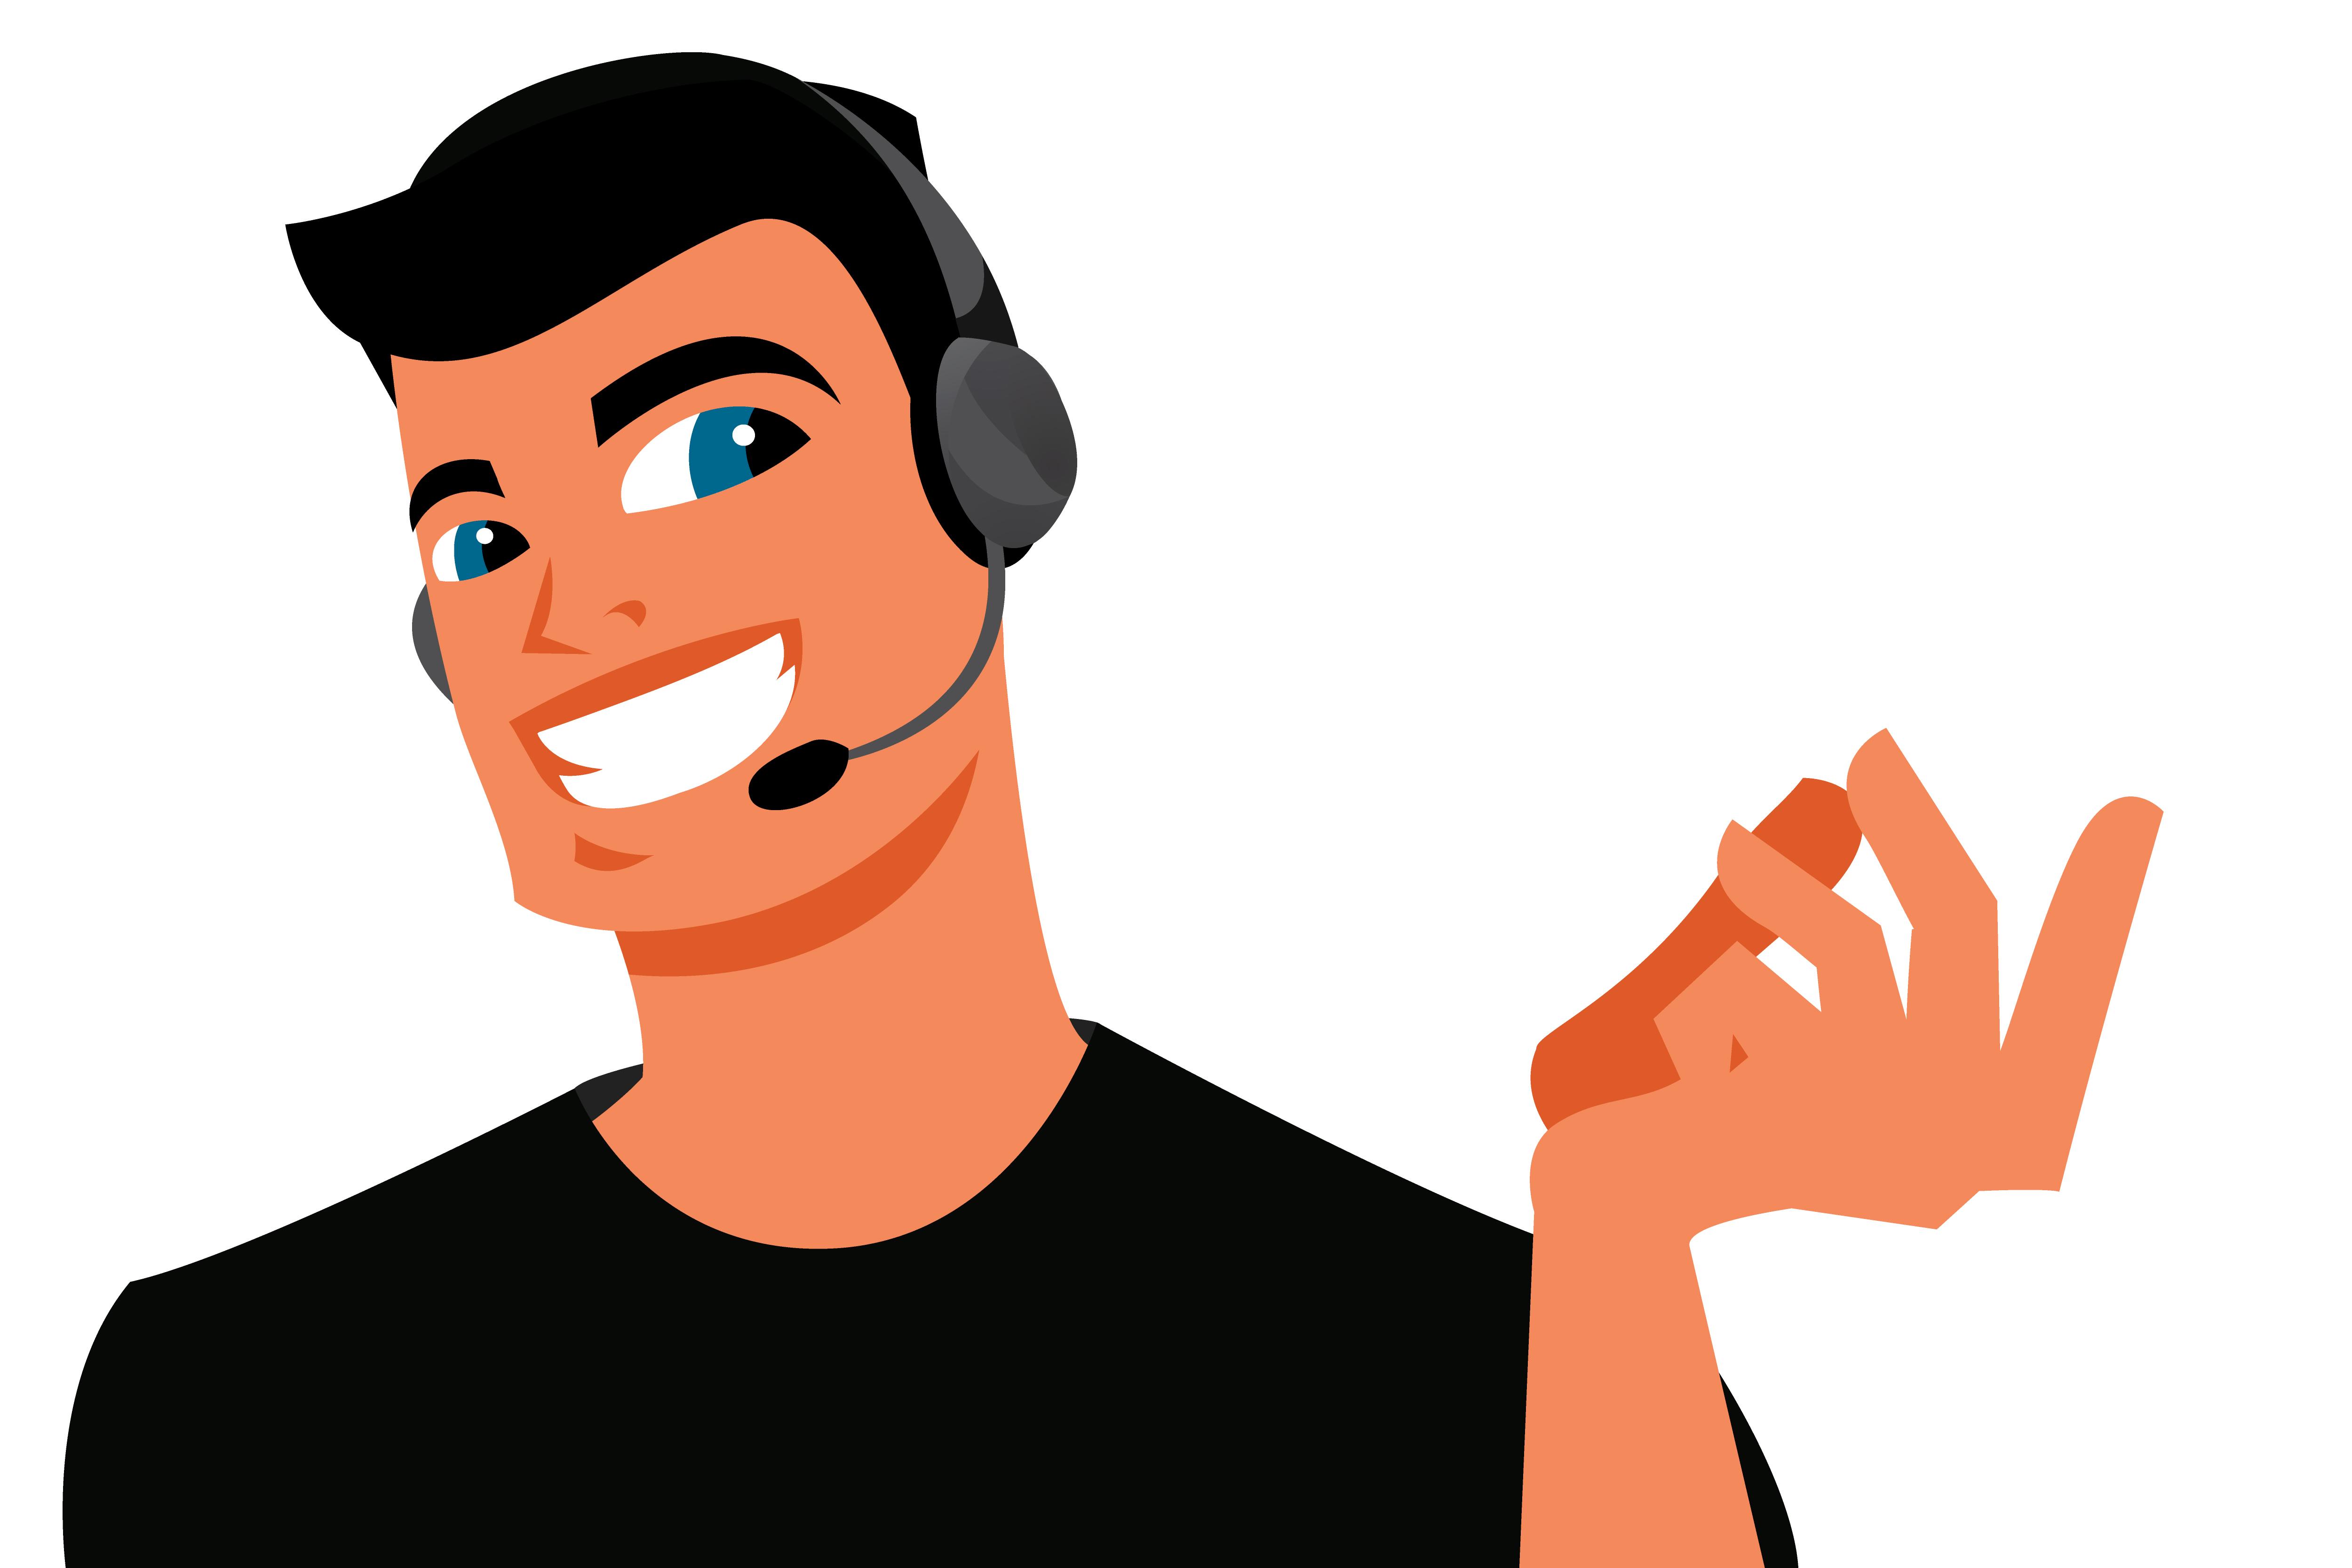 Comment optimiser la qualité de service d'un Centre de Contacts ? Les conseils de Jean-Michel Jacquelin ! 4